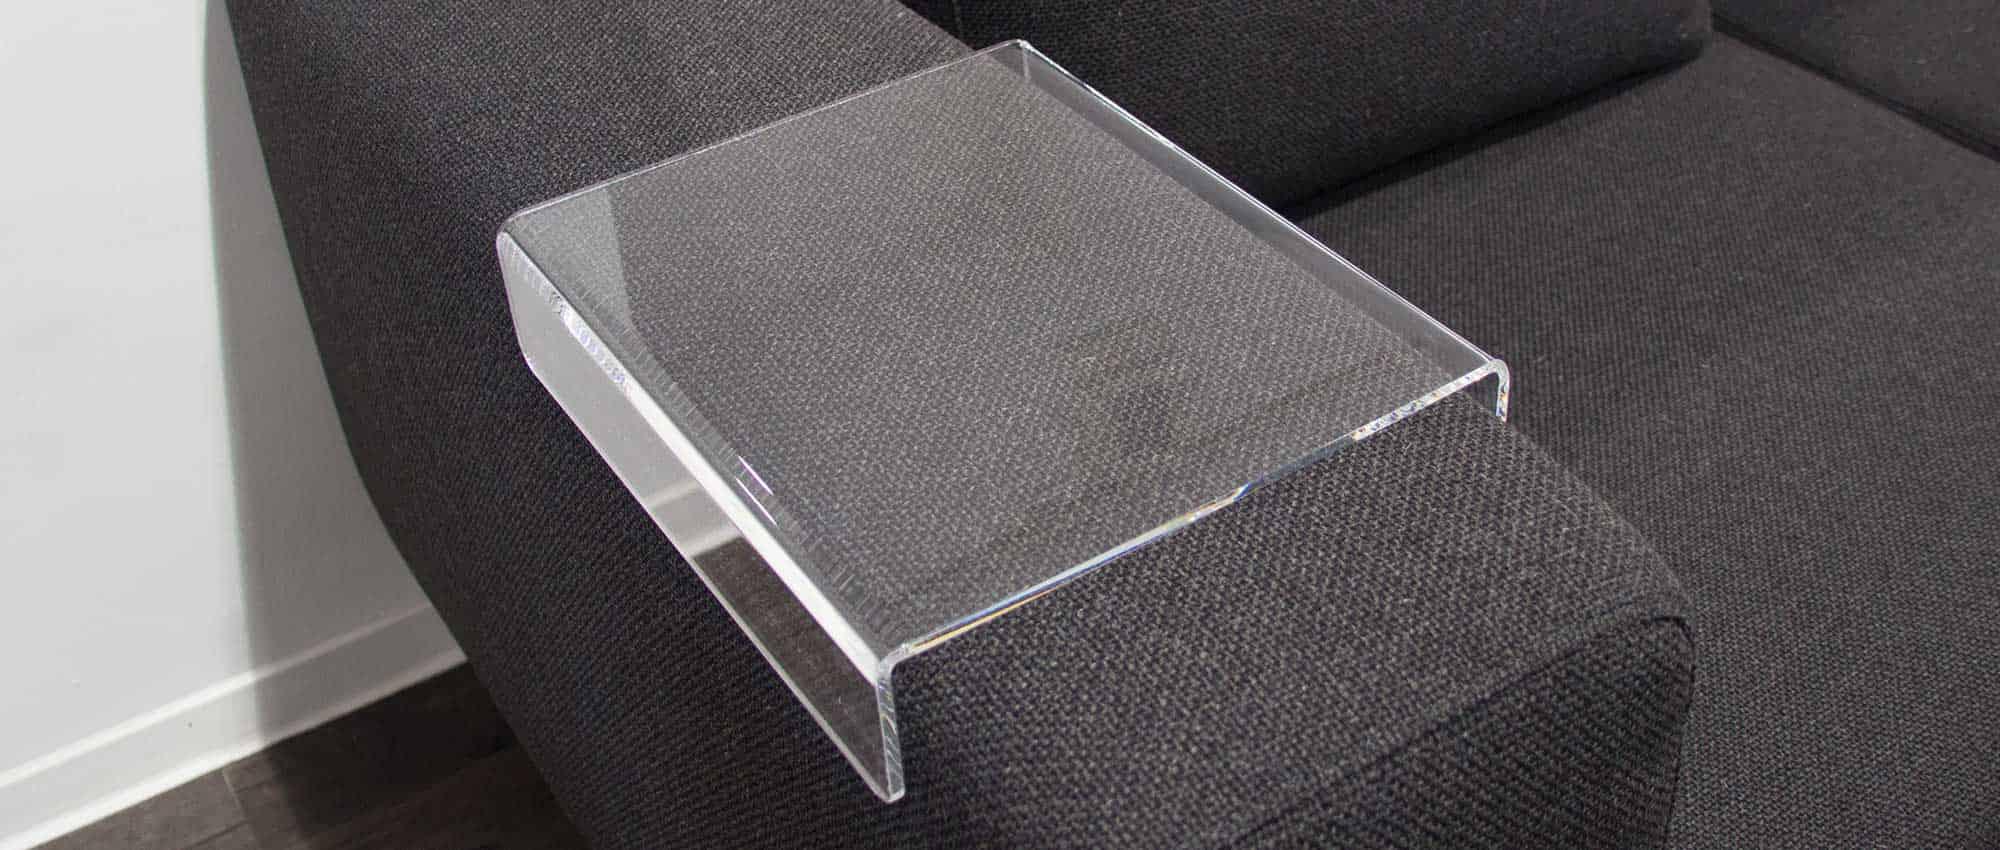 Tabletts Aus Plexiglas Acryl Als Ablageflache Fur Armlehnen Hocker